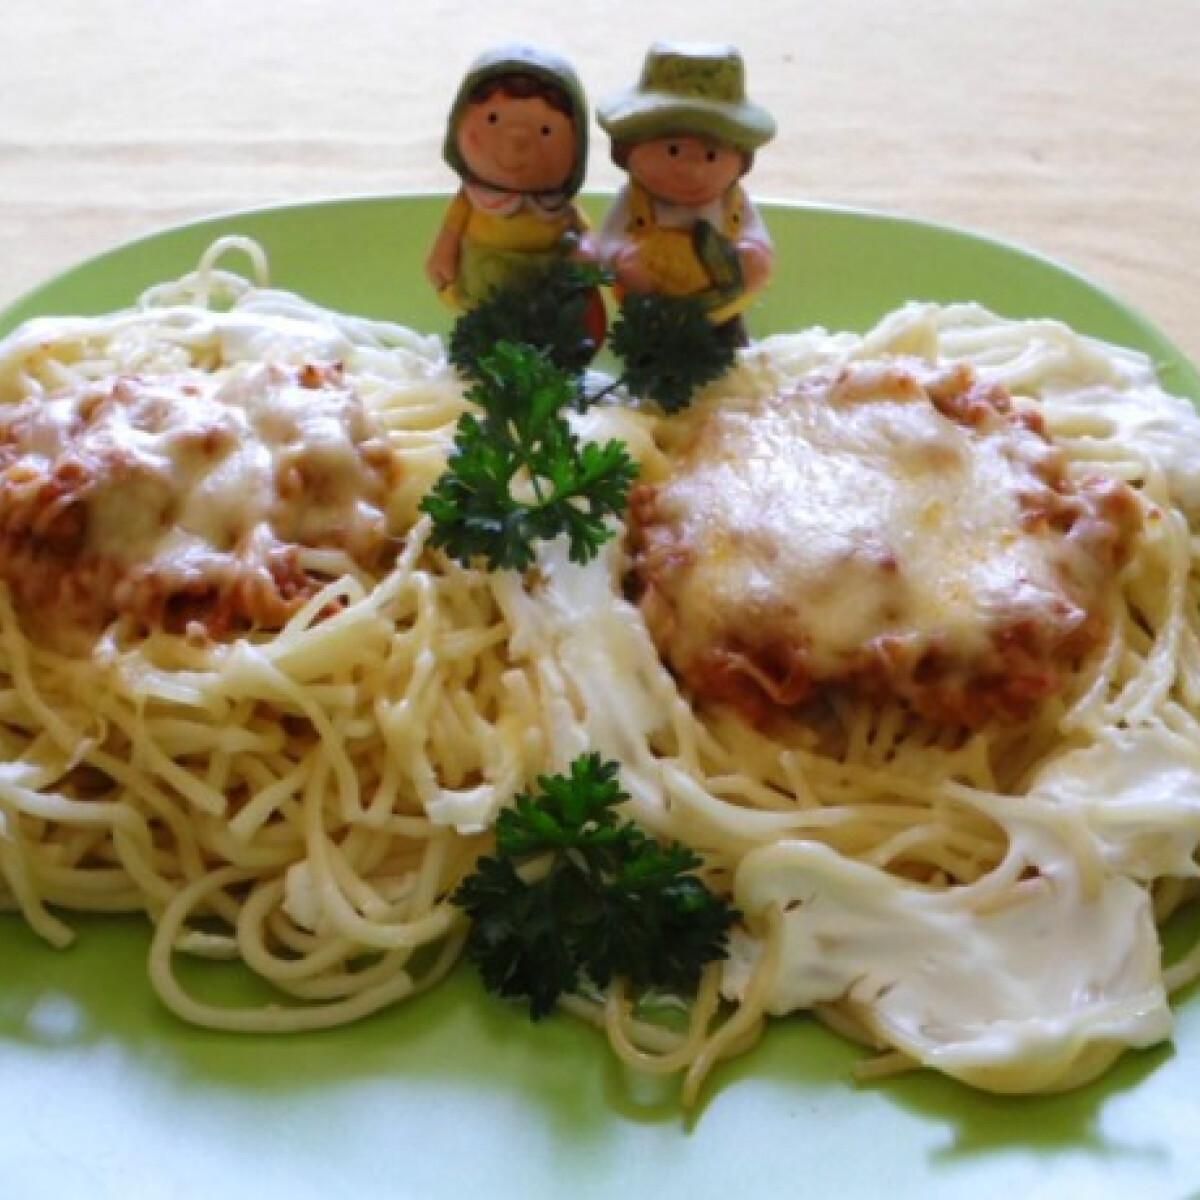 Ezen a képen: Spagettifészekre ültetett pörkölt